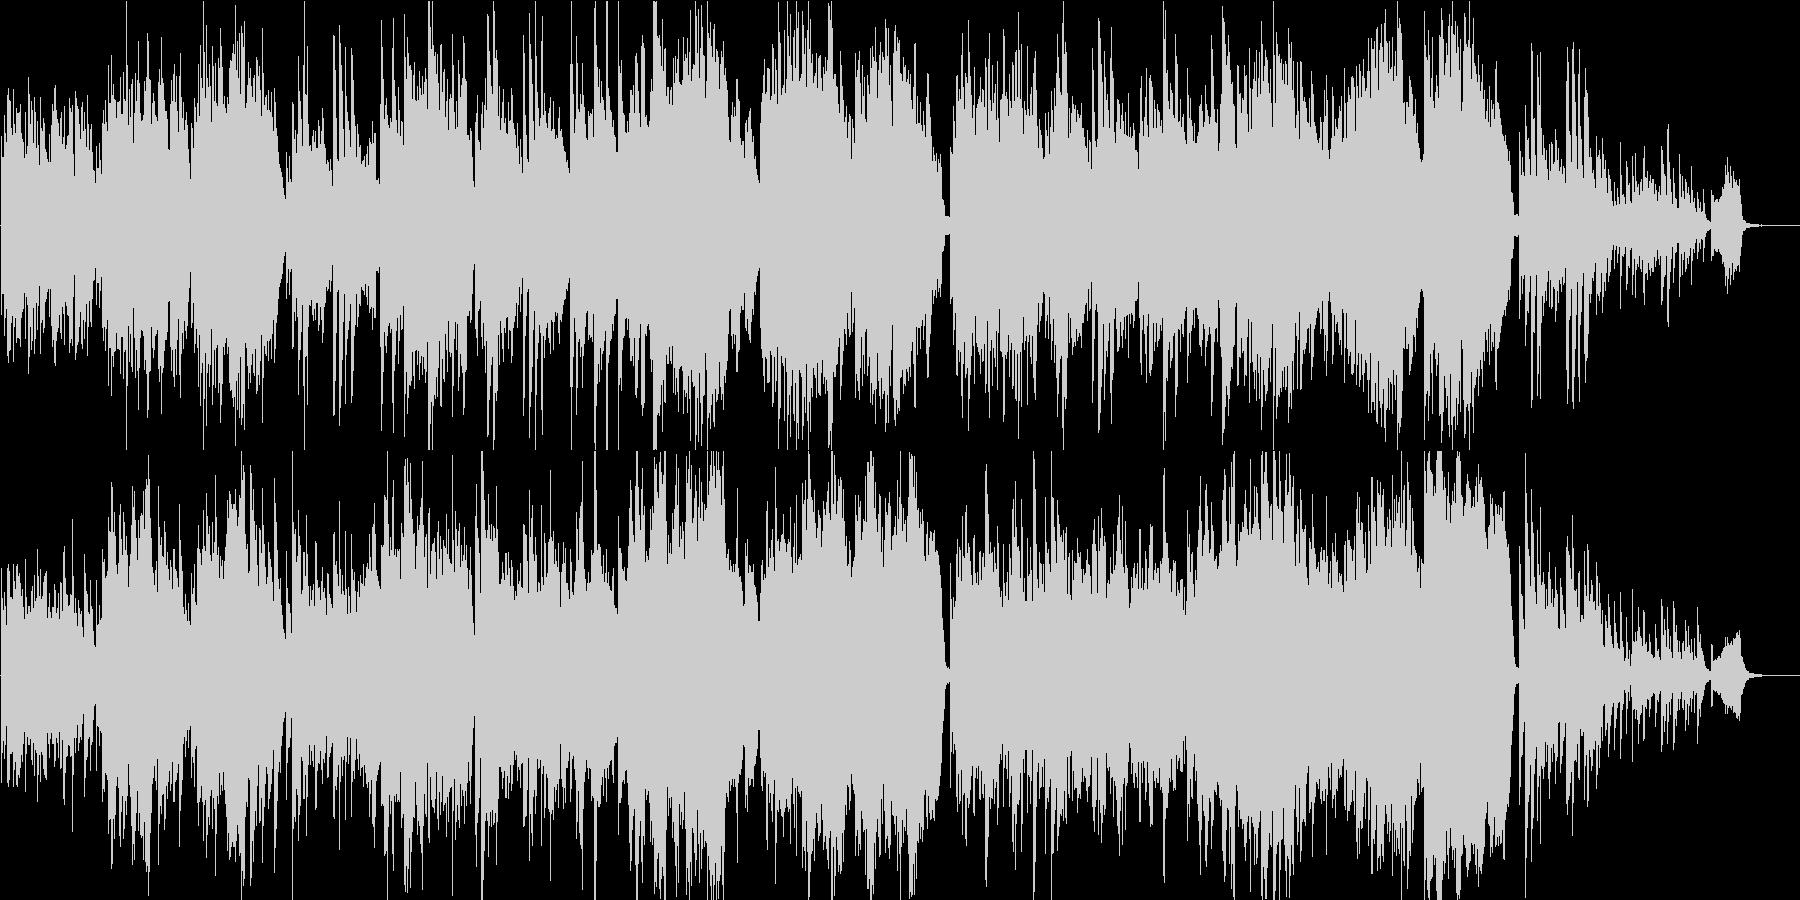 感動映像のためのピアノとストリングスの未再生の波形